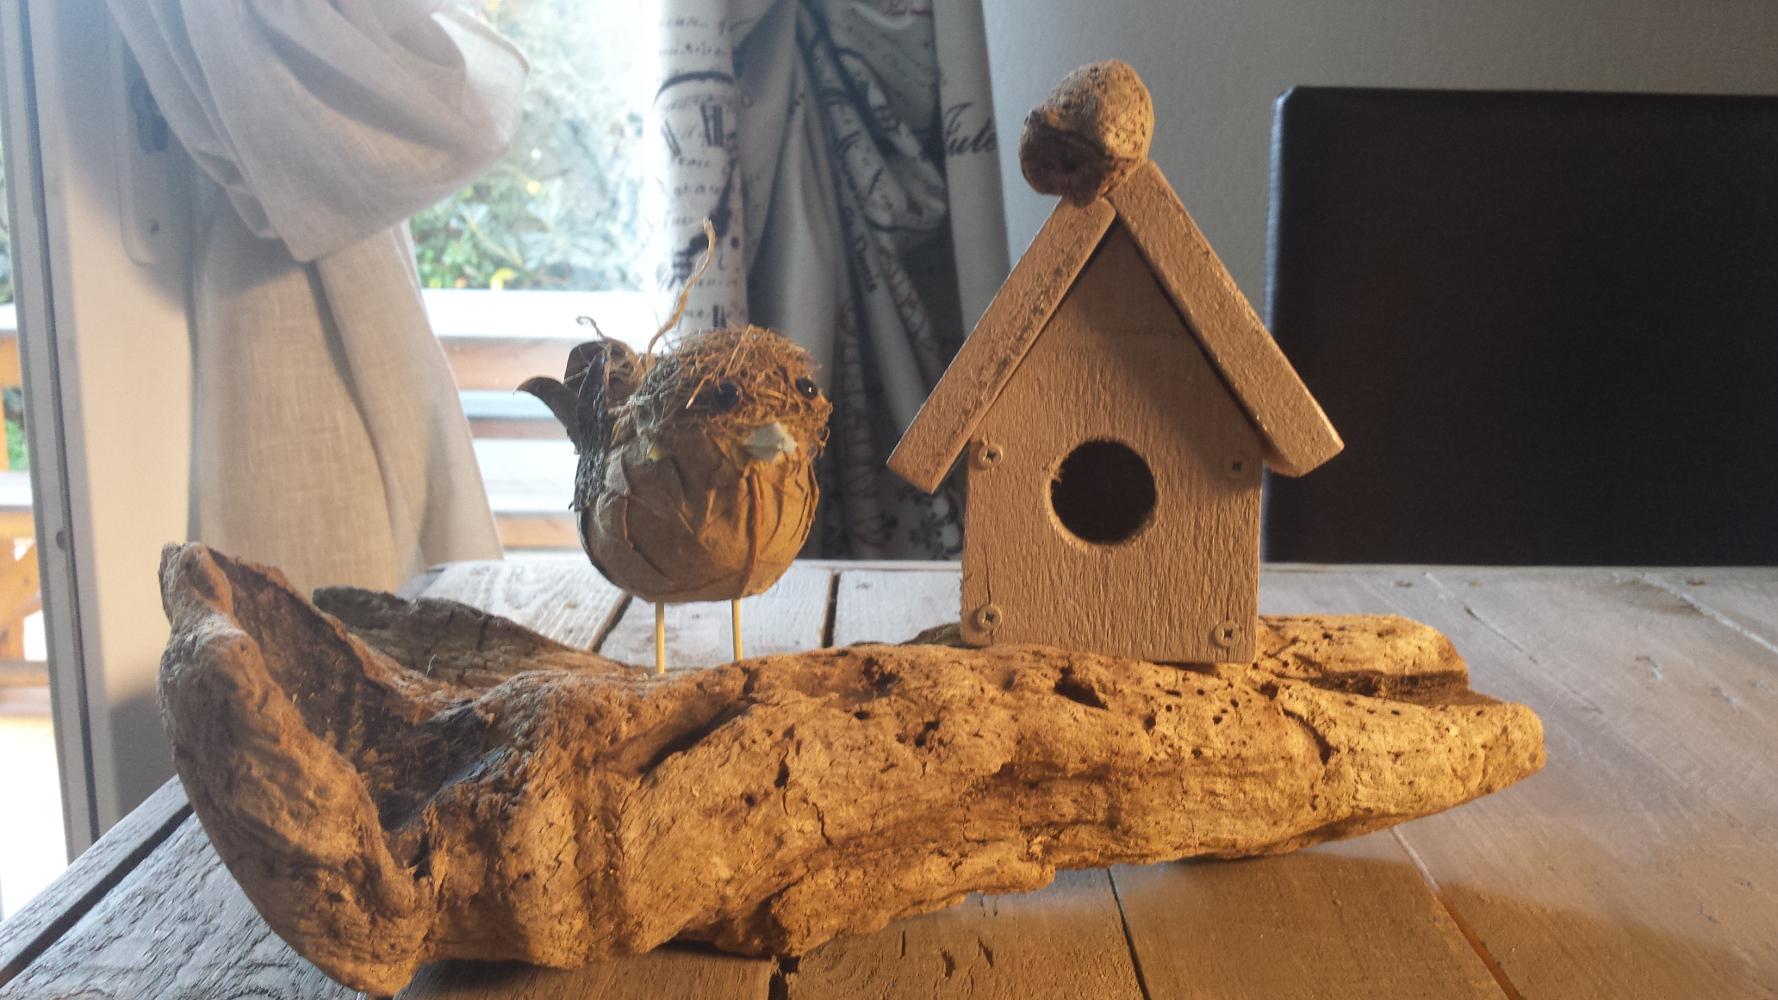 Cabane oiseau d coration en palettes et d coration bois for Decoration exterieur bois flotte